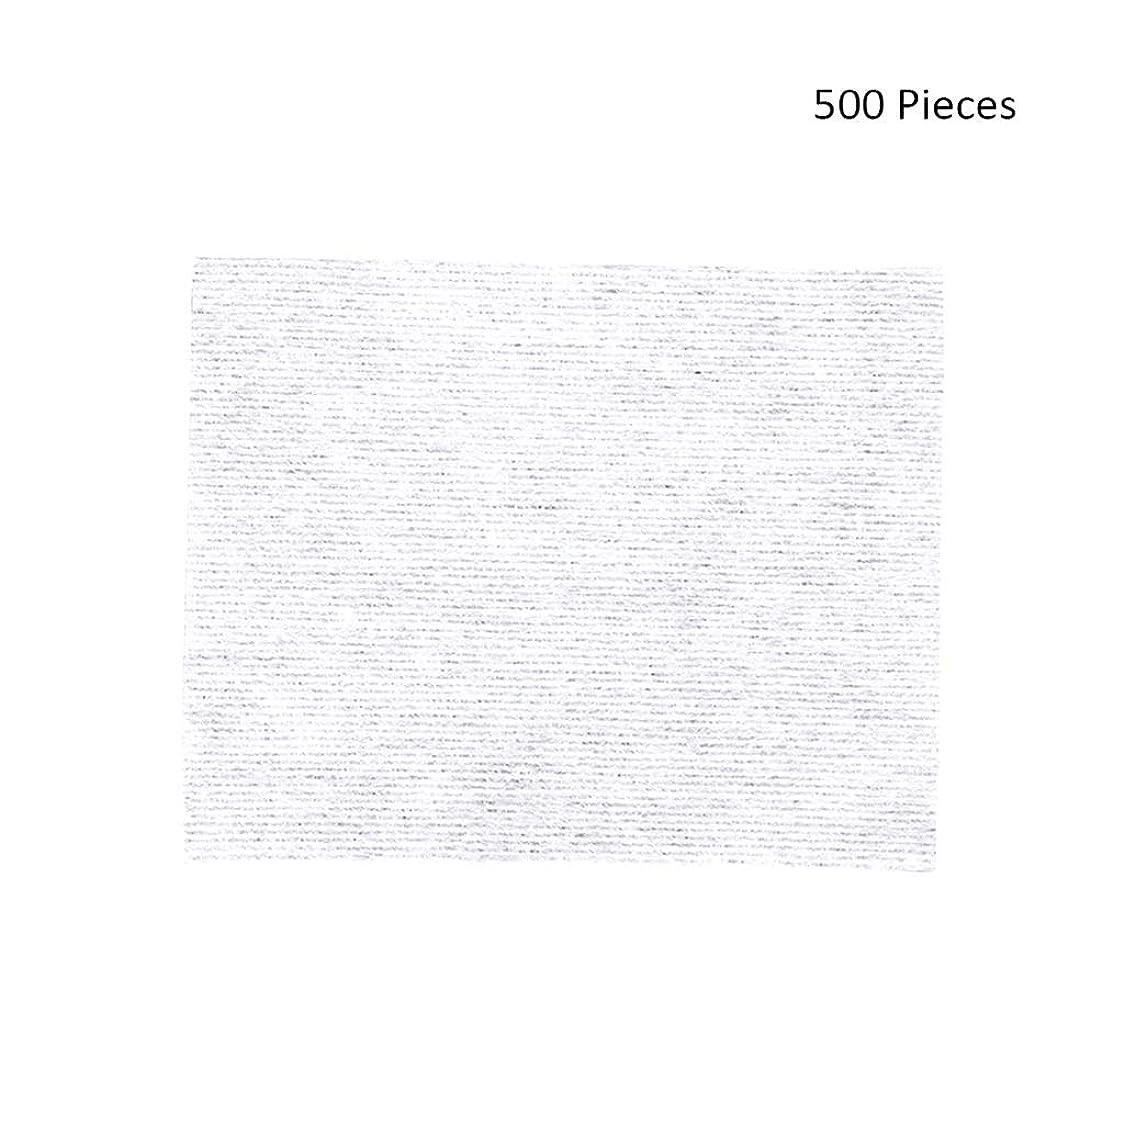 羊のダッシュチャンピオンシップ500ピースフェイスメイクアップリムーバーワイプコットンパッドメイクアップリムーバーソフト化粧品フェイスマスククレンジングケアフェイシャルコットンパッド (Color : White, サイズ : 6*5cm)